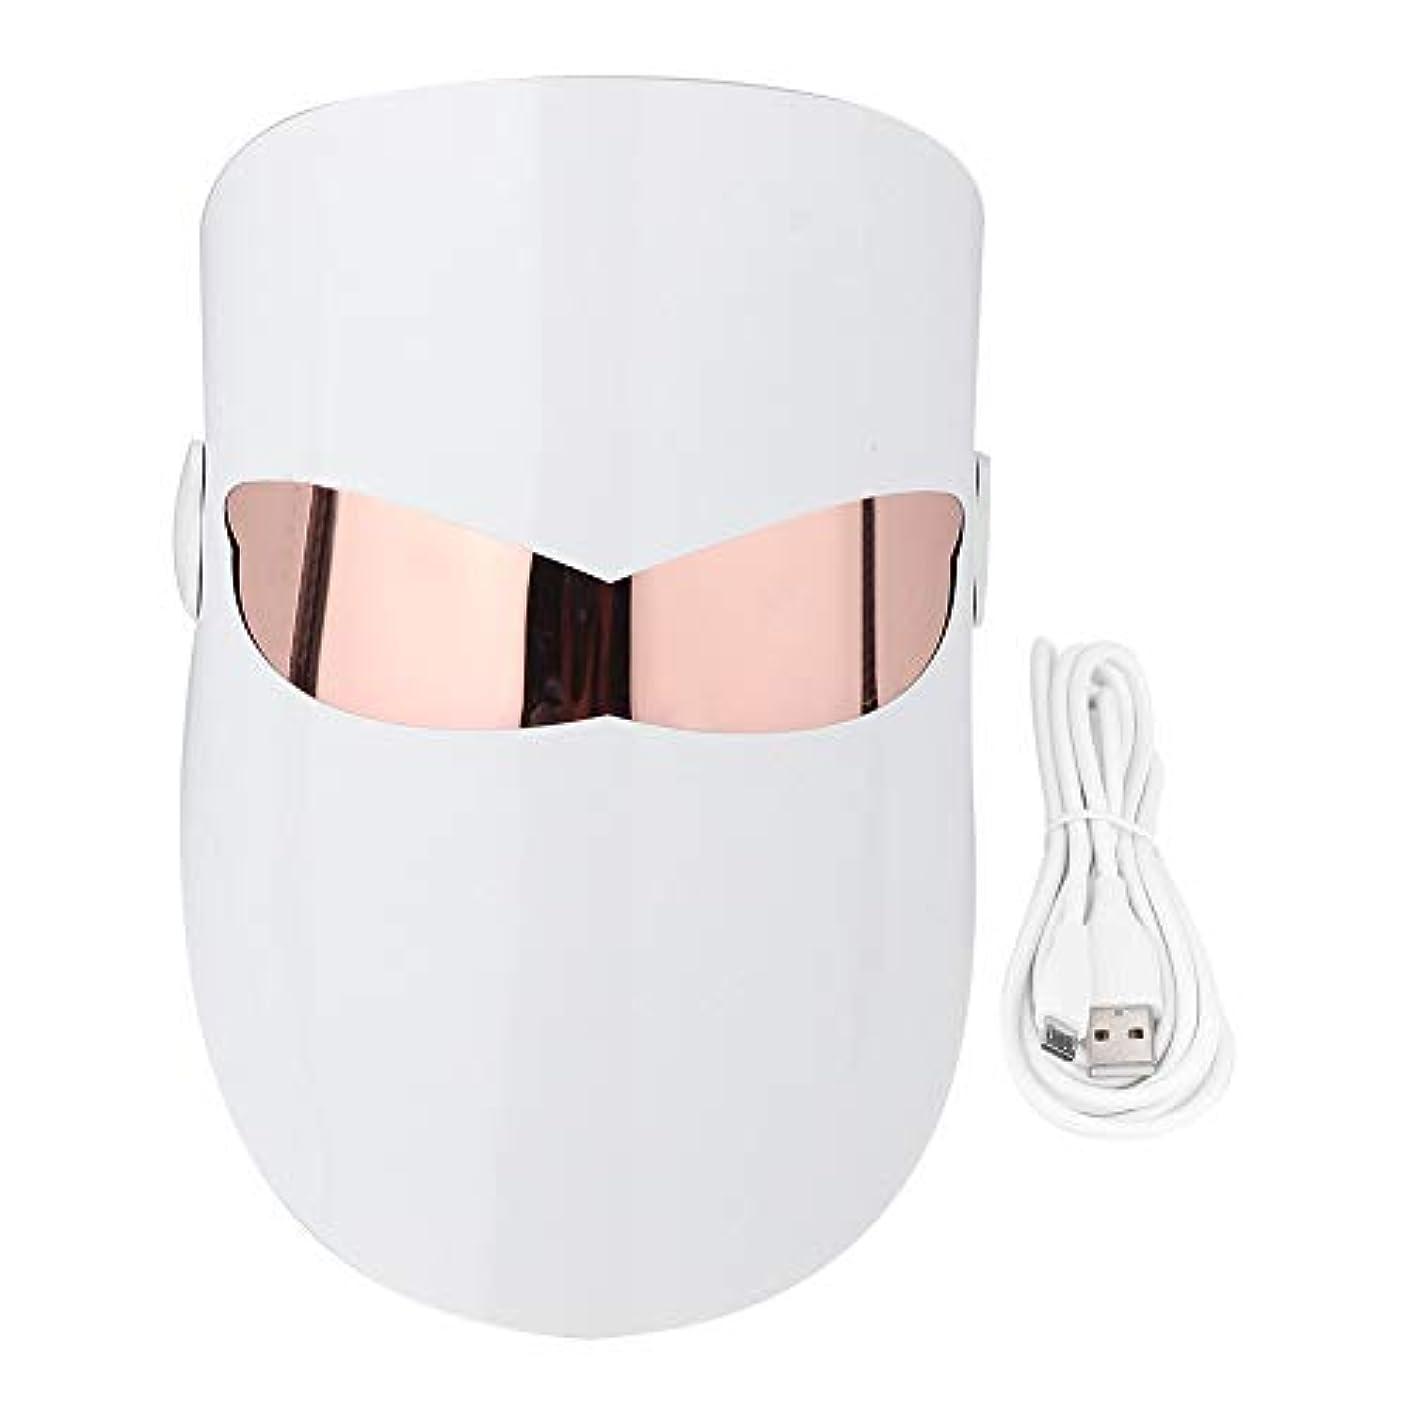 願望型想定Photon 32 LEDライトフェイスマスクホワイトニングリジュビネーションマッサージ栄養コラーゲン回復にきび除去スパ美容機器フェイス&ネックスキンケアマスク